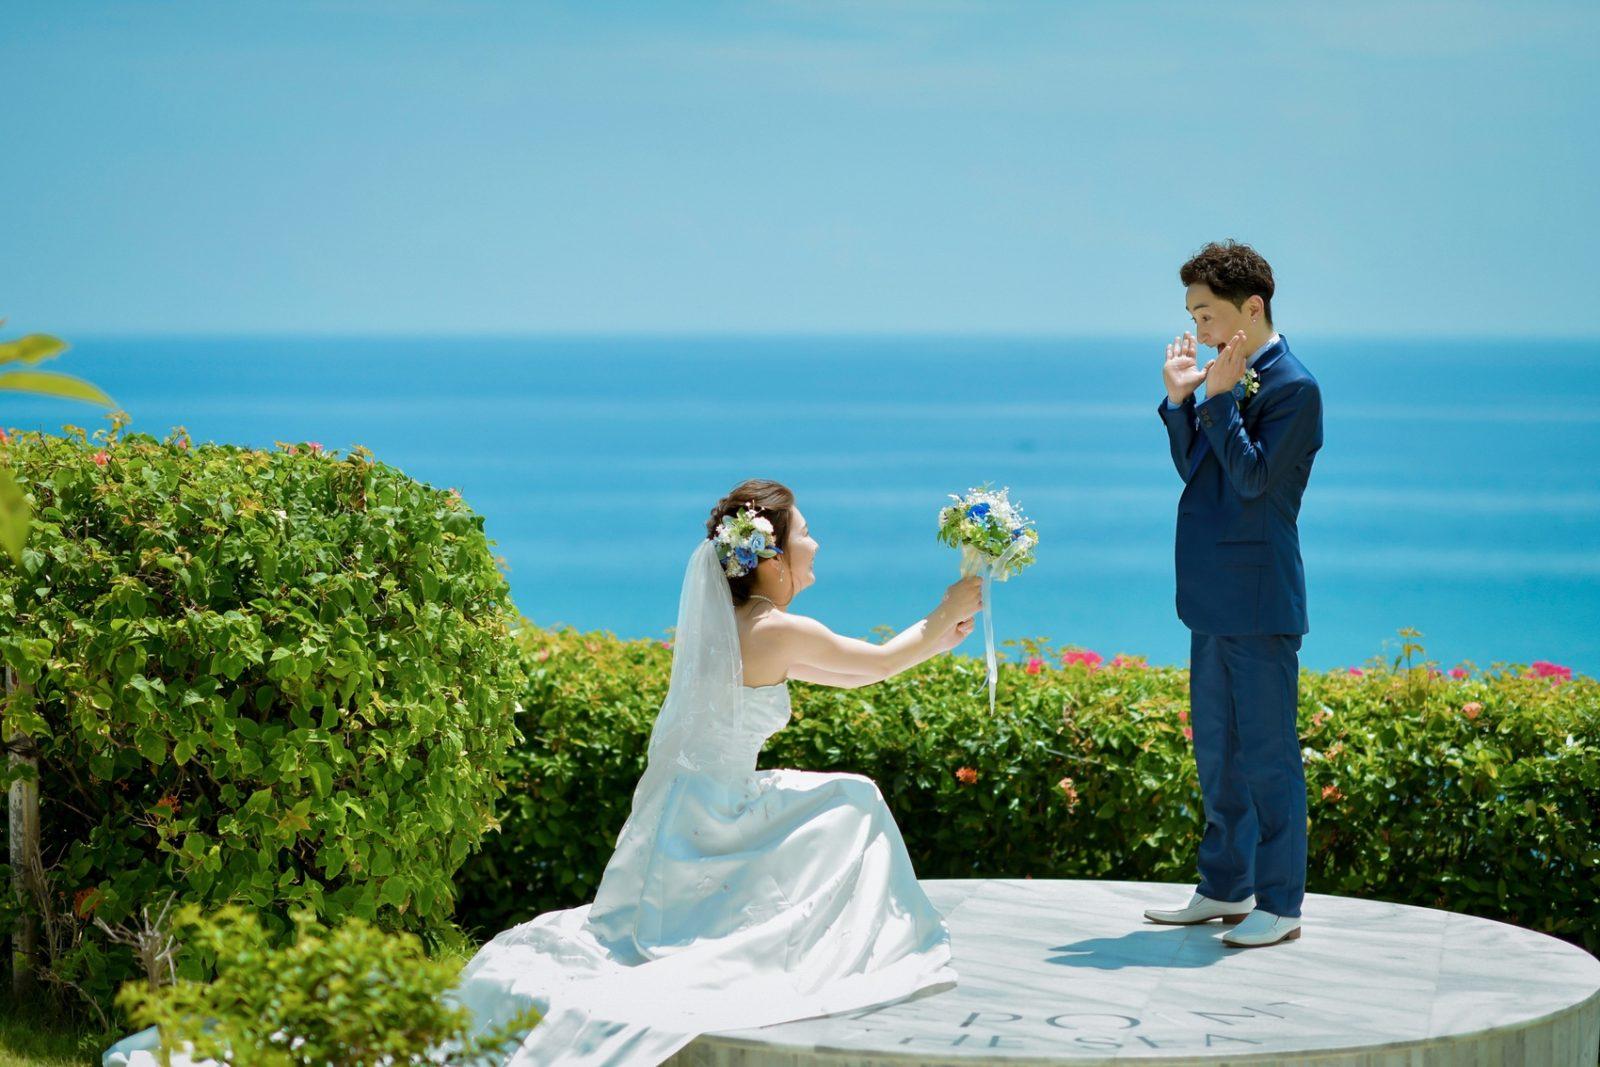 花嫁がプロポーズ